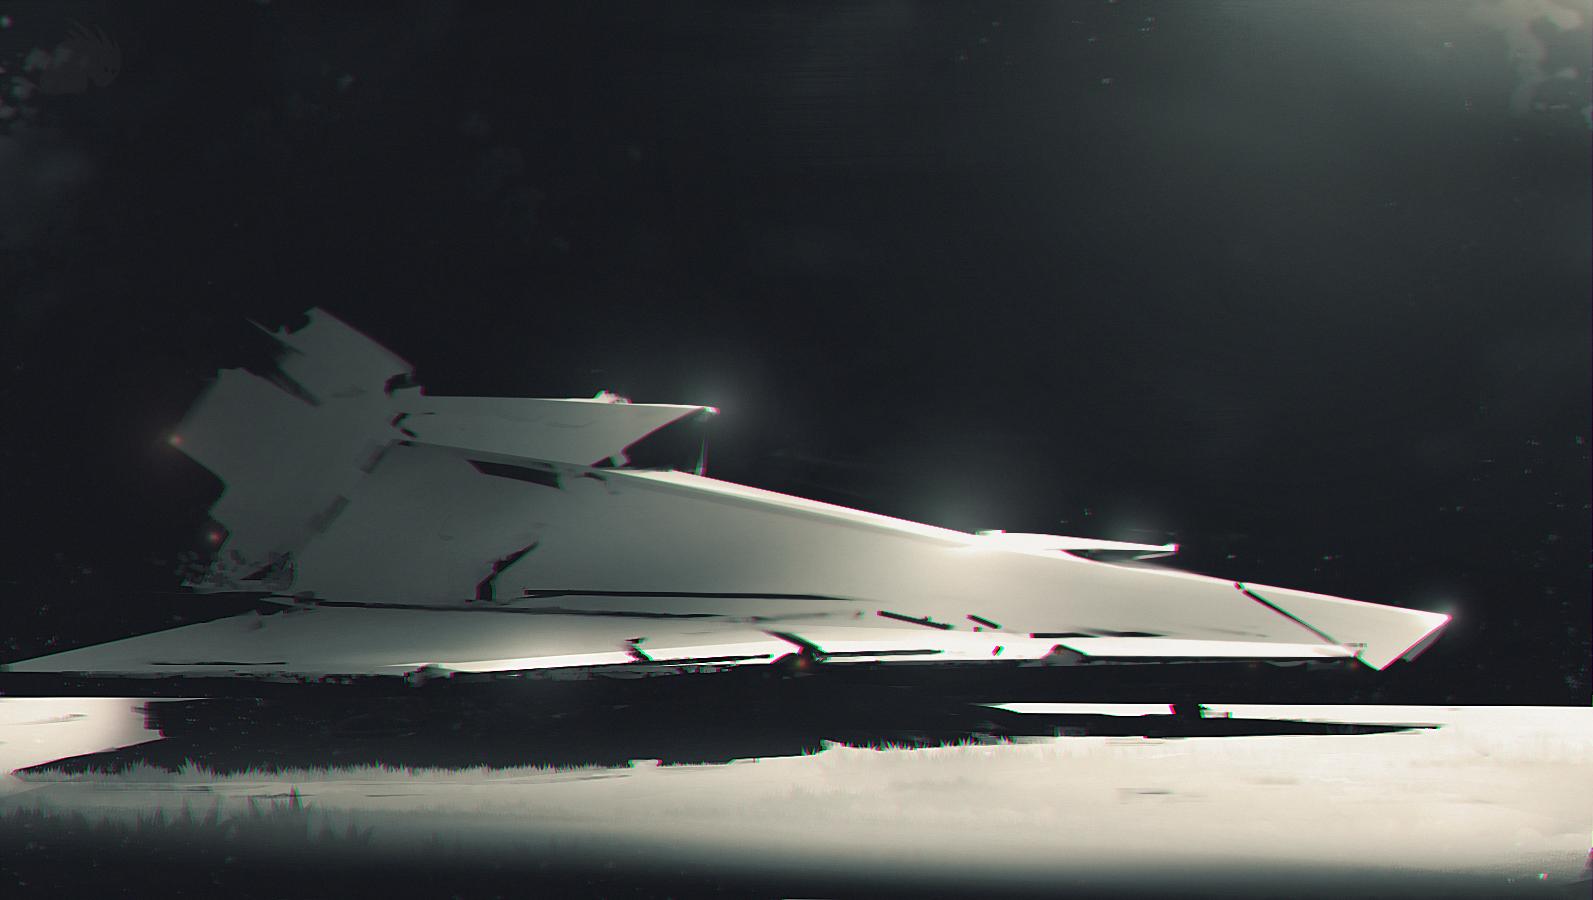 spaceship_bw2.png